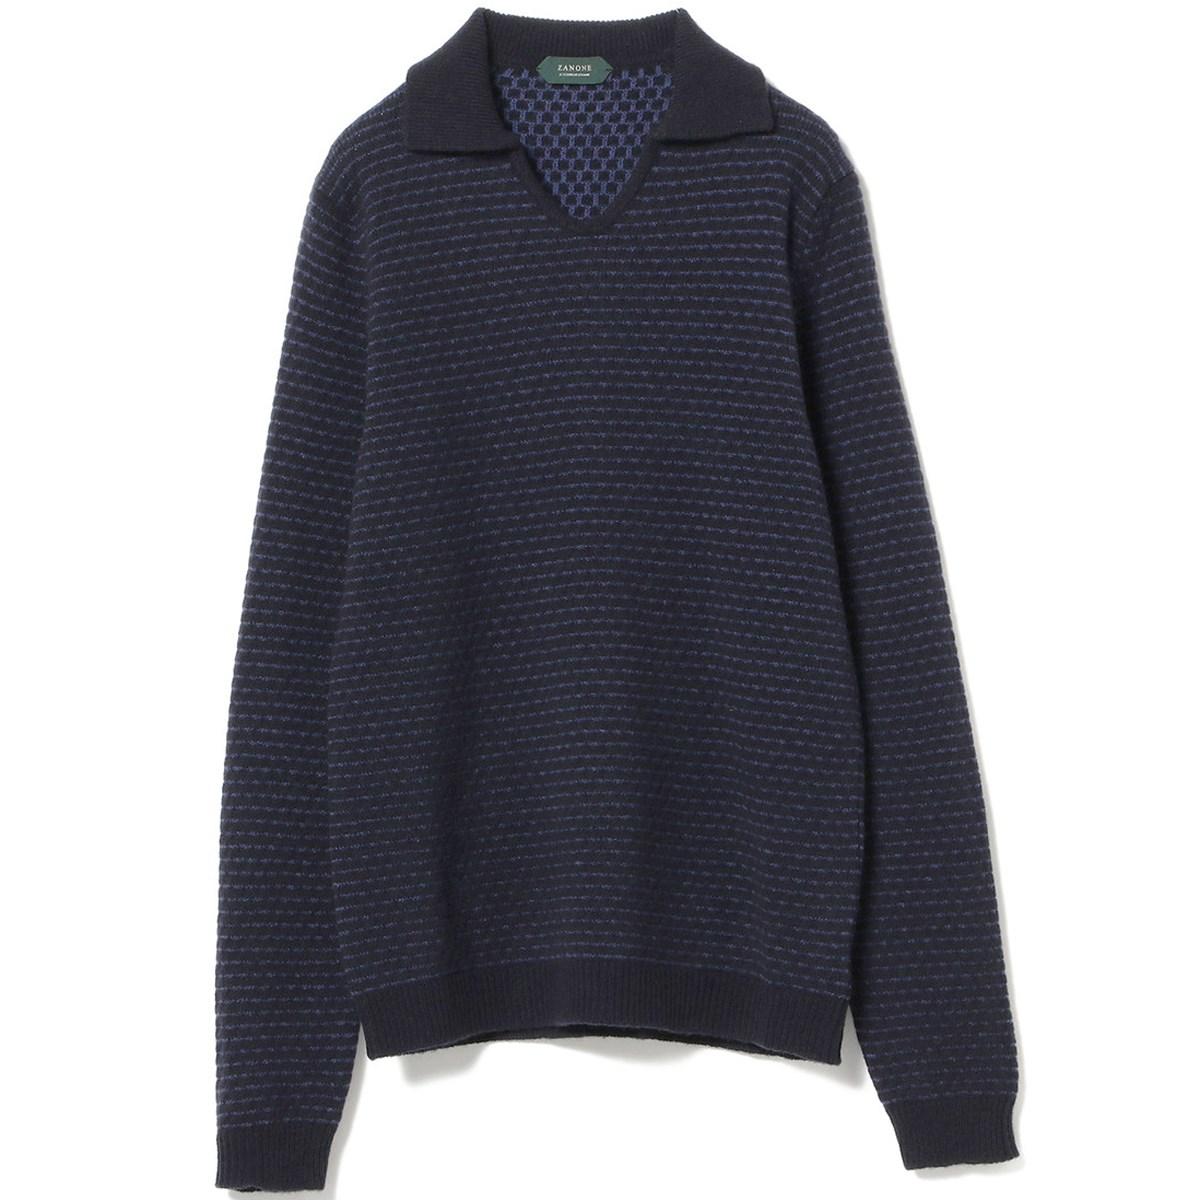 ビームスゴルフ ZANONE×BEAMS GOLF 別注 Skipper セーター